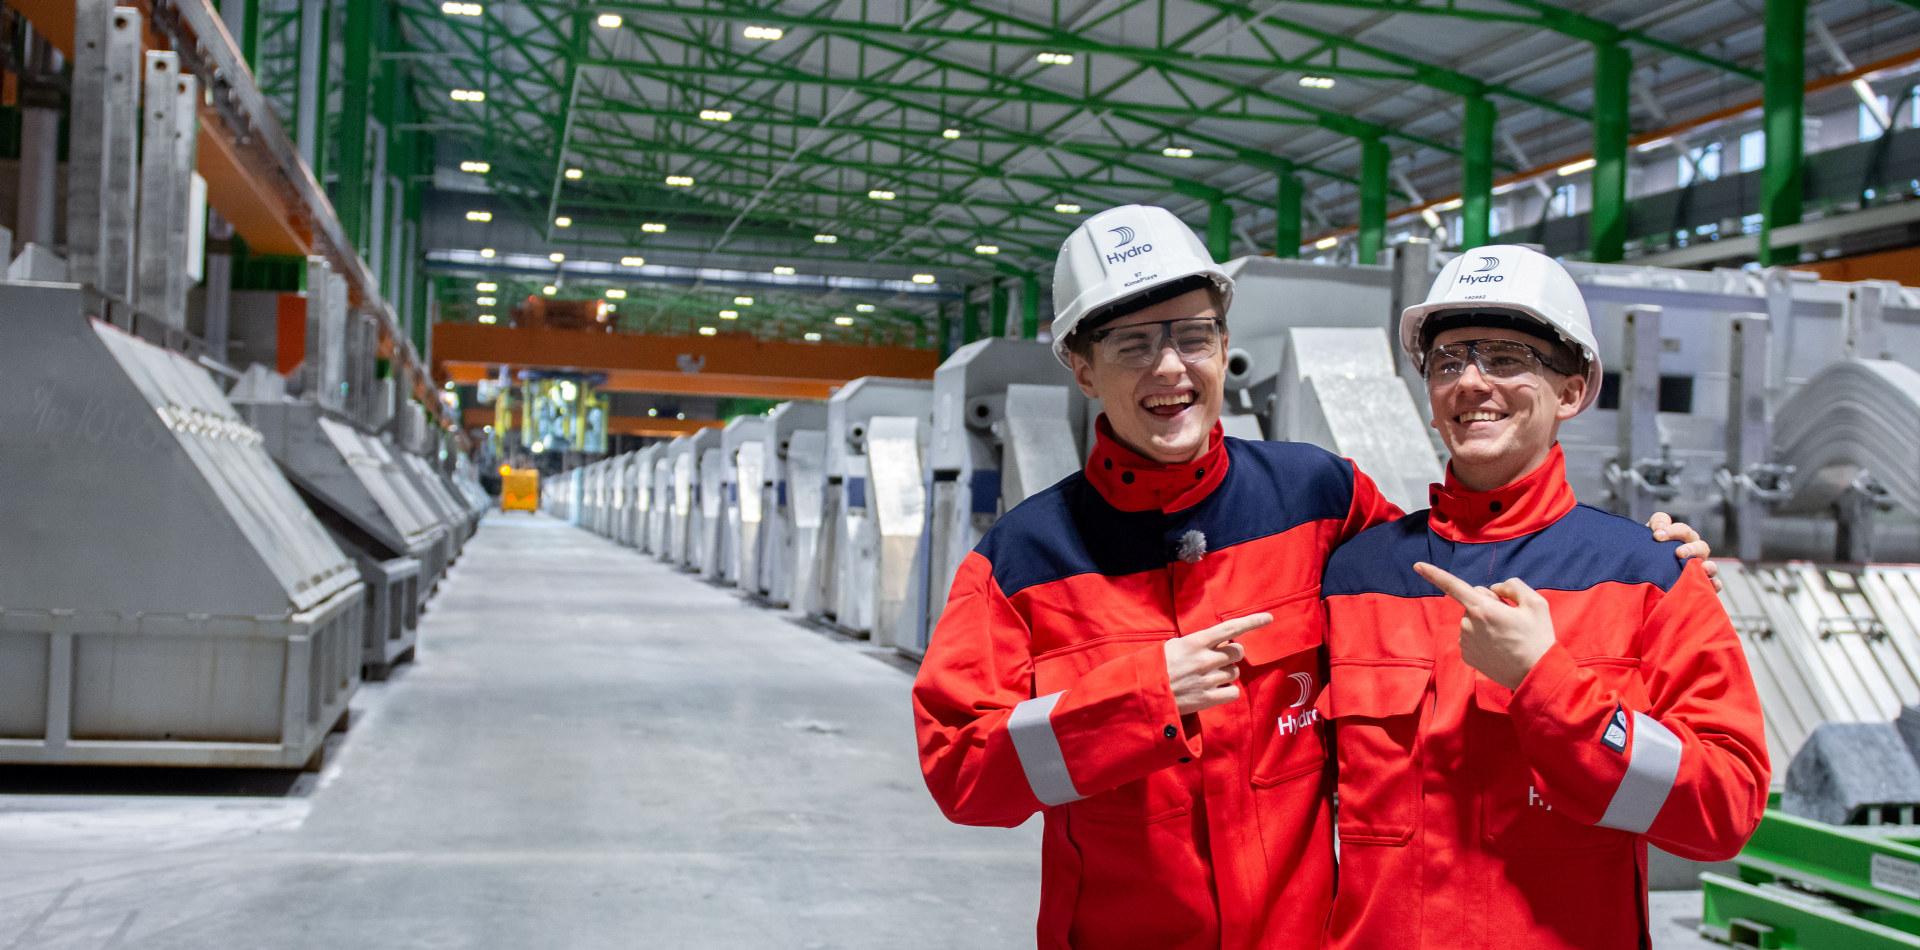 """Elias """"Kime"""" Rådlund besøker Hydro Karmøy i forbindelse med kampanjen for å få flere unge til å velge teknikk og industriell produksjon (TIP) på vgs. Foto: Hydro/Marius Motrøen"""